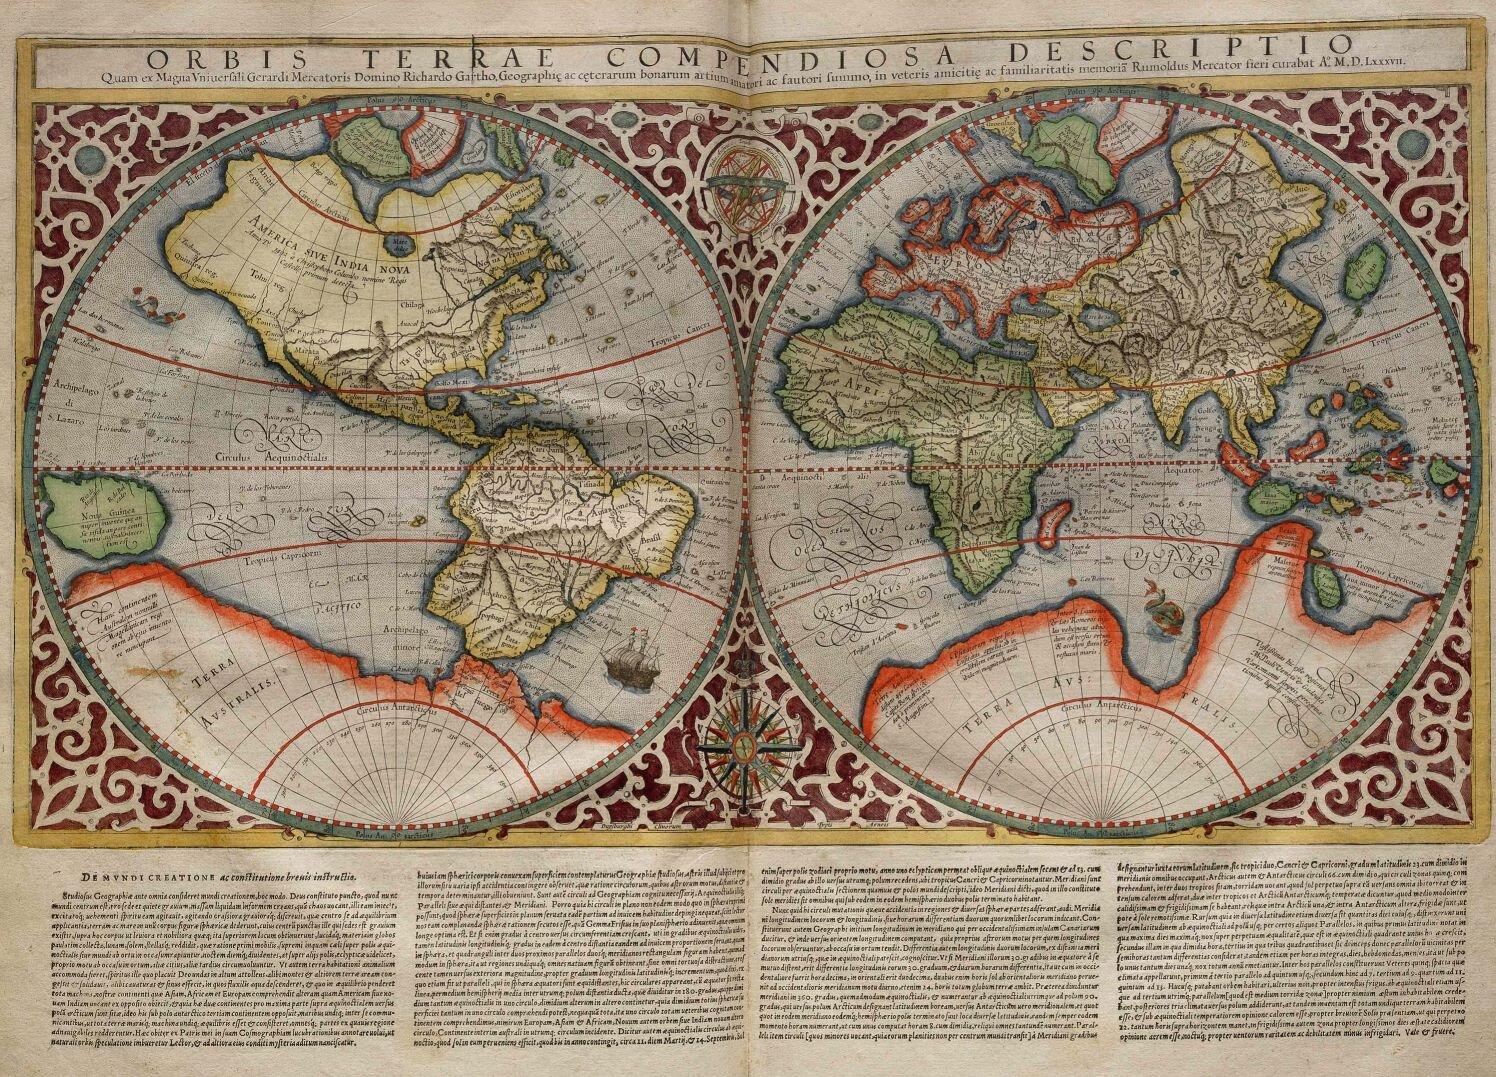 na zdjęciu przedstawiona została mapa świata zXVI w. po odkryciach geograficznych